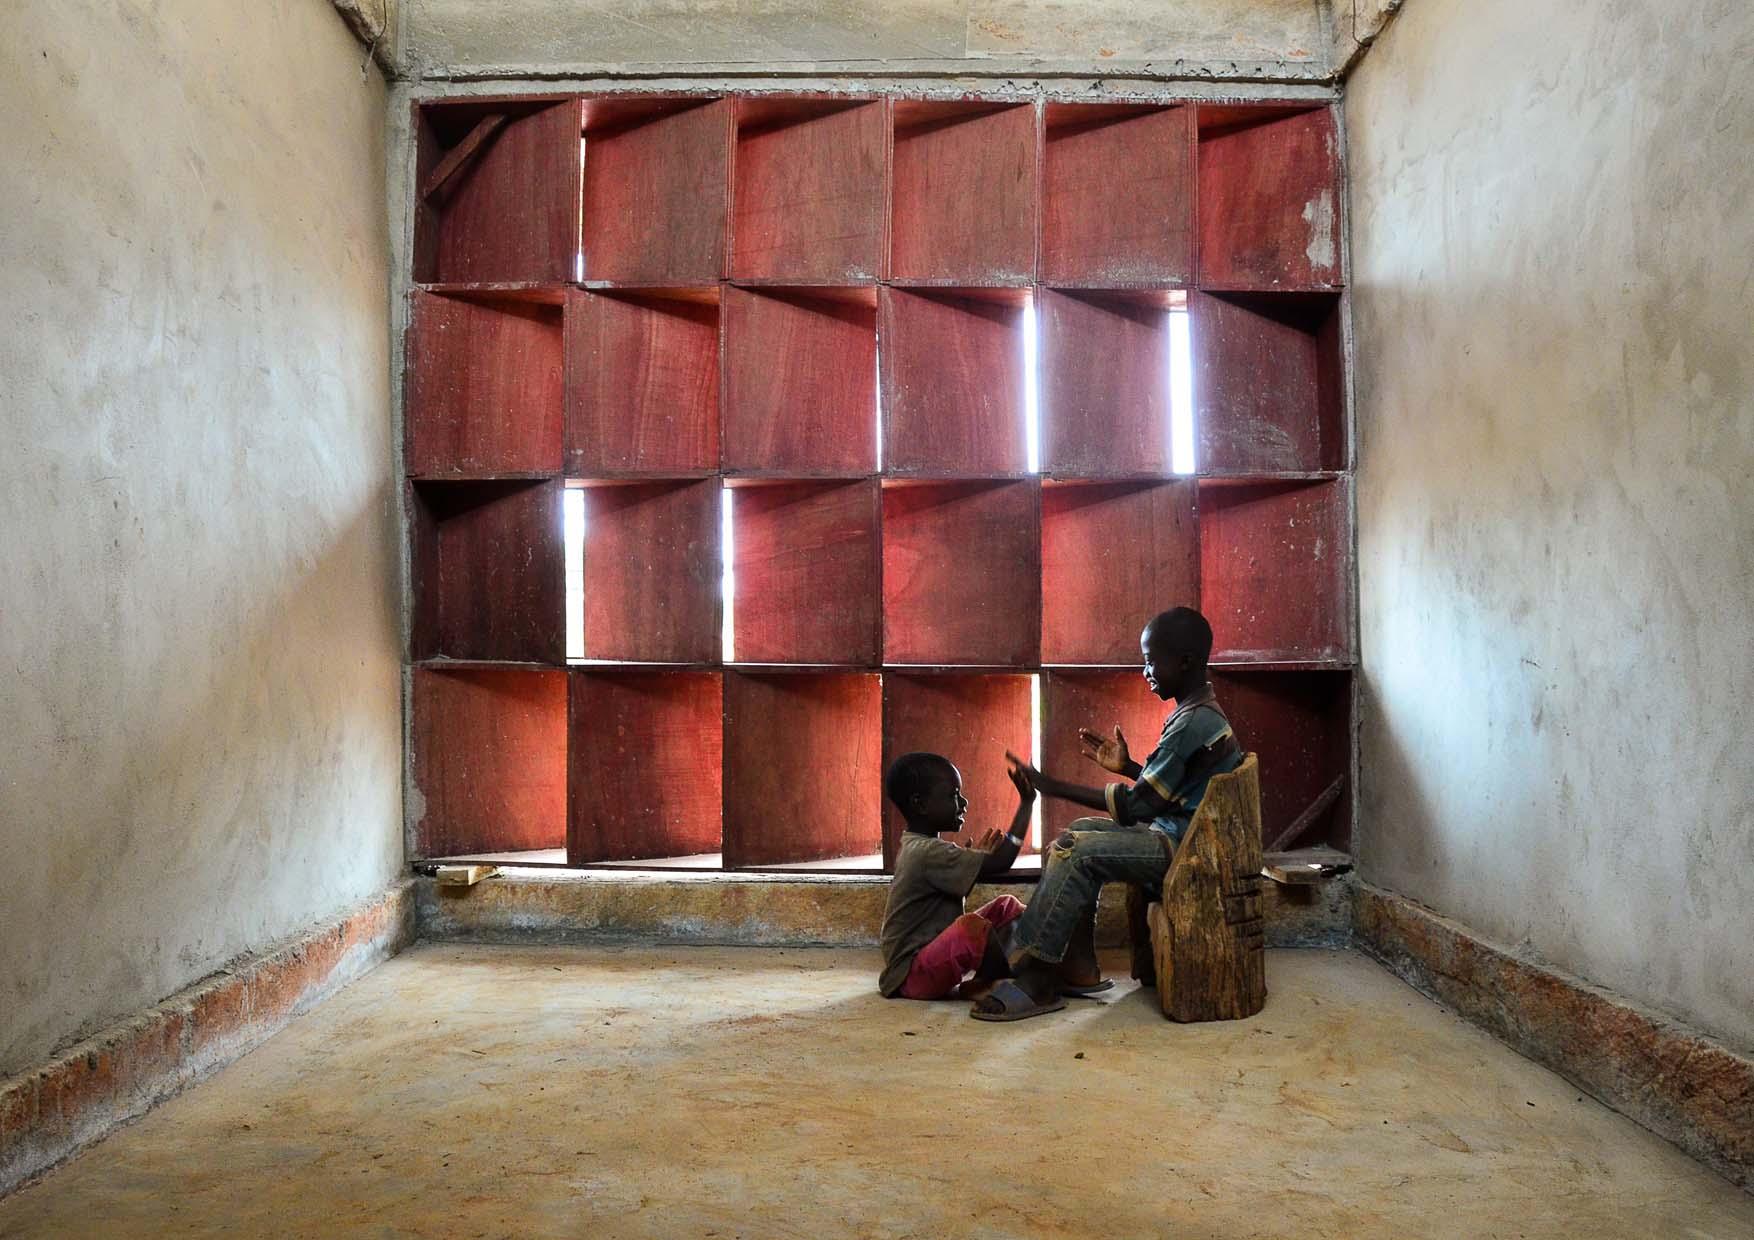 La sala comune con la grande finestra in legno. Foto Martina Caldarigi.